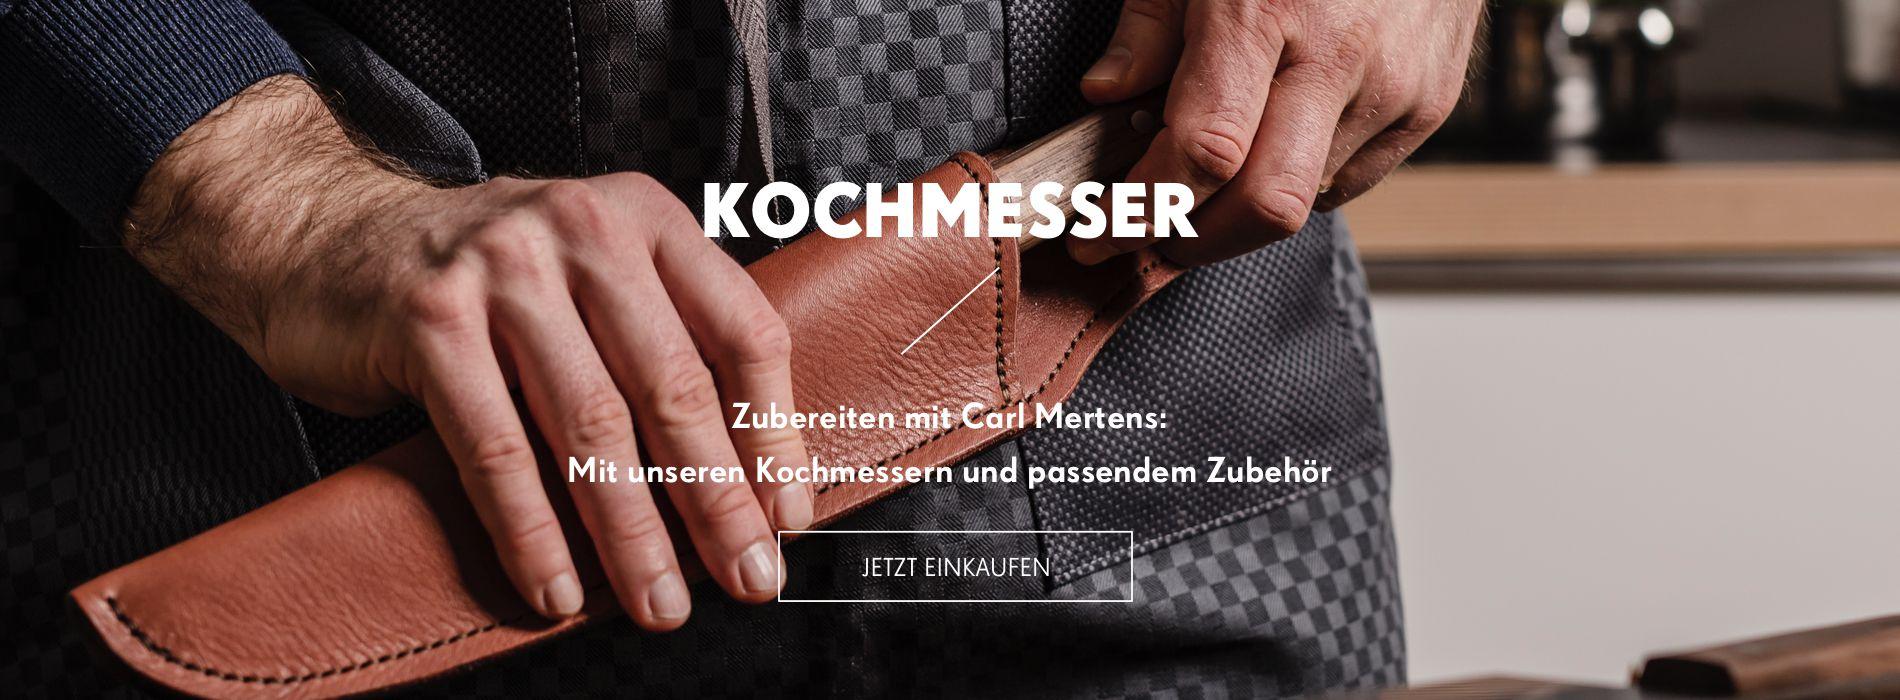 Hochwertige Kochmesser von Carl Mertens